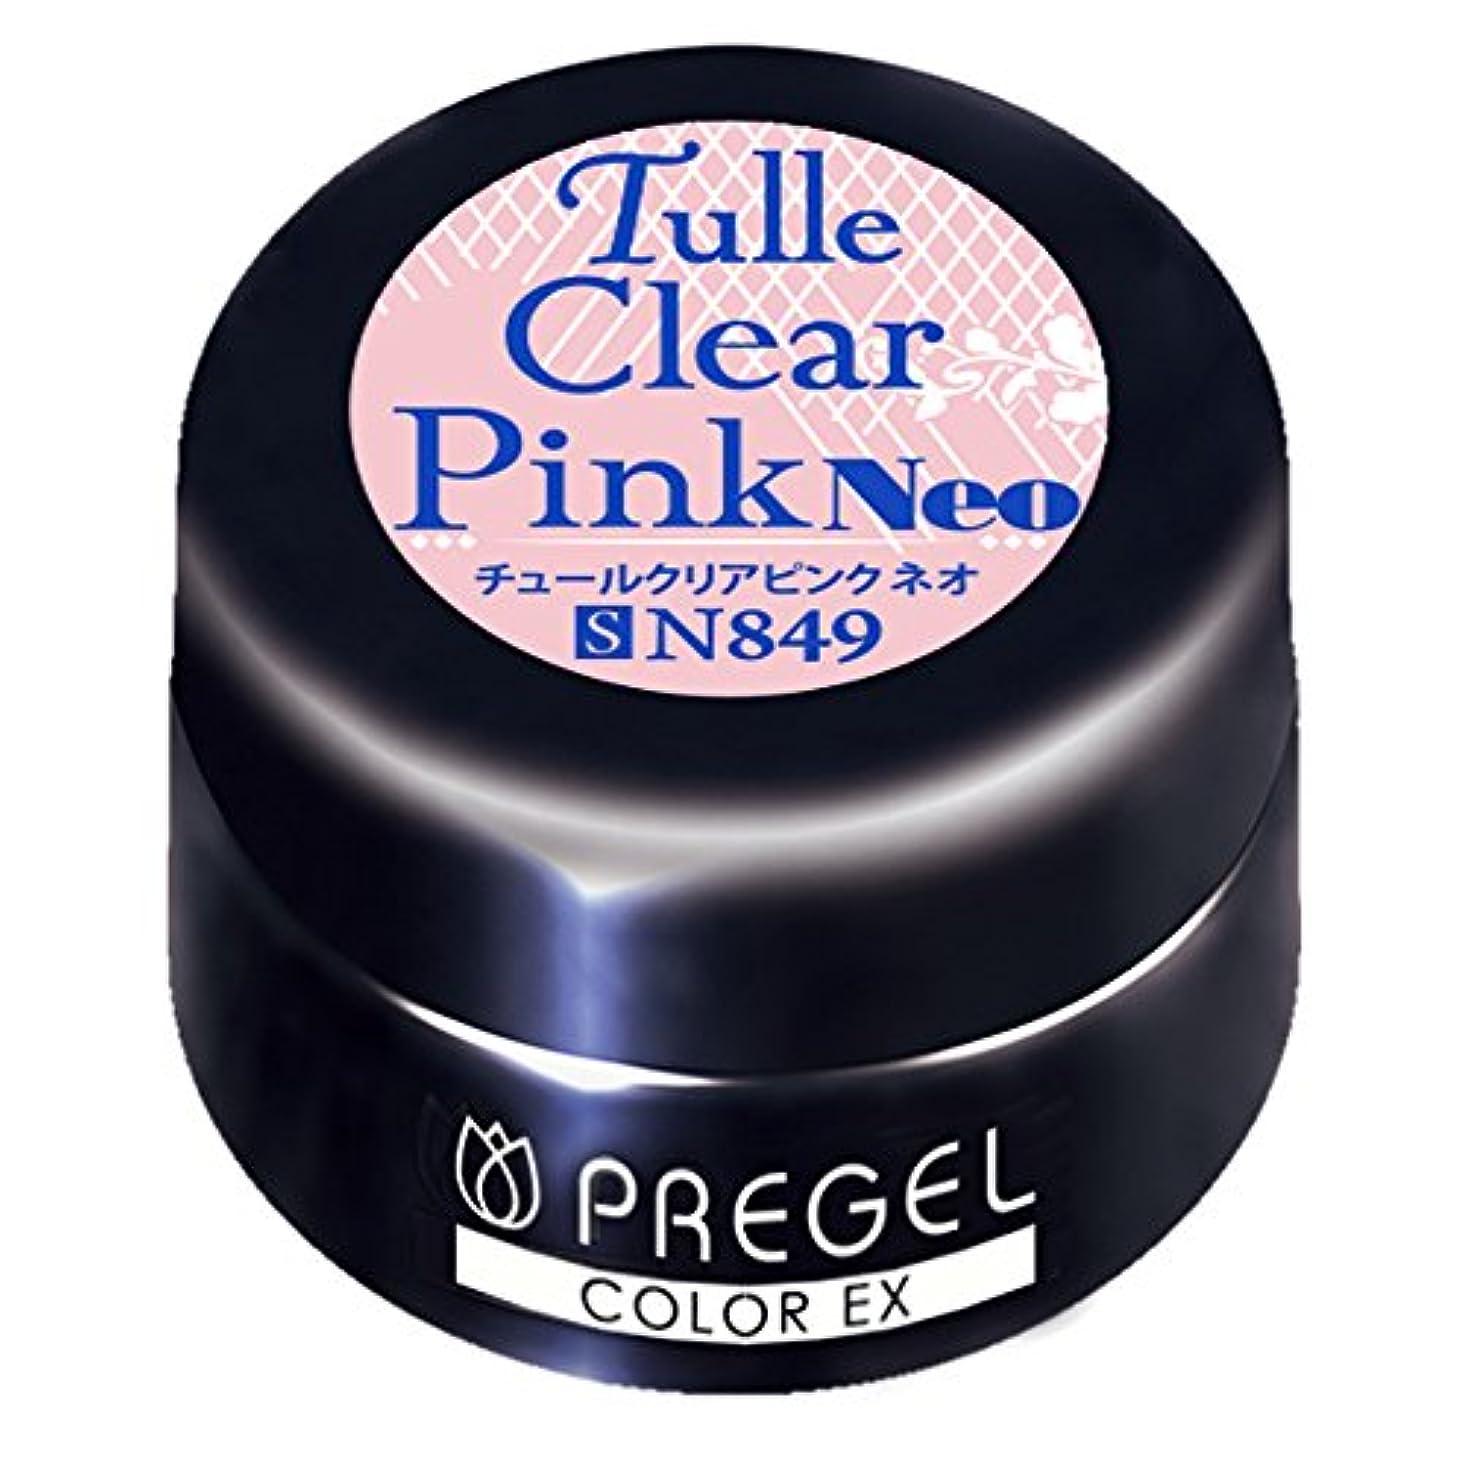 エンドテーブルオーケストラ酒PRE GEL カラーEX チュールクリアピンクneo849 3g UV/LED対応